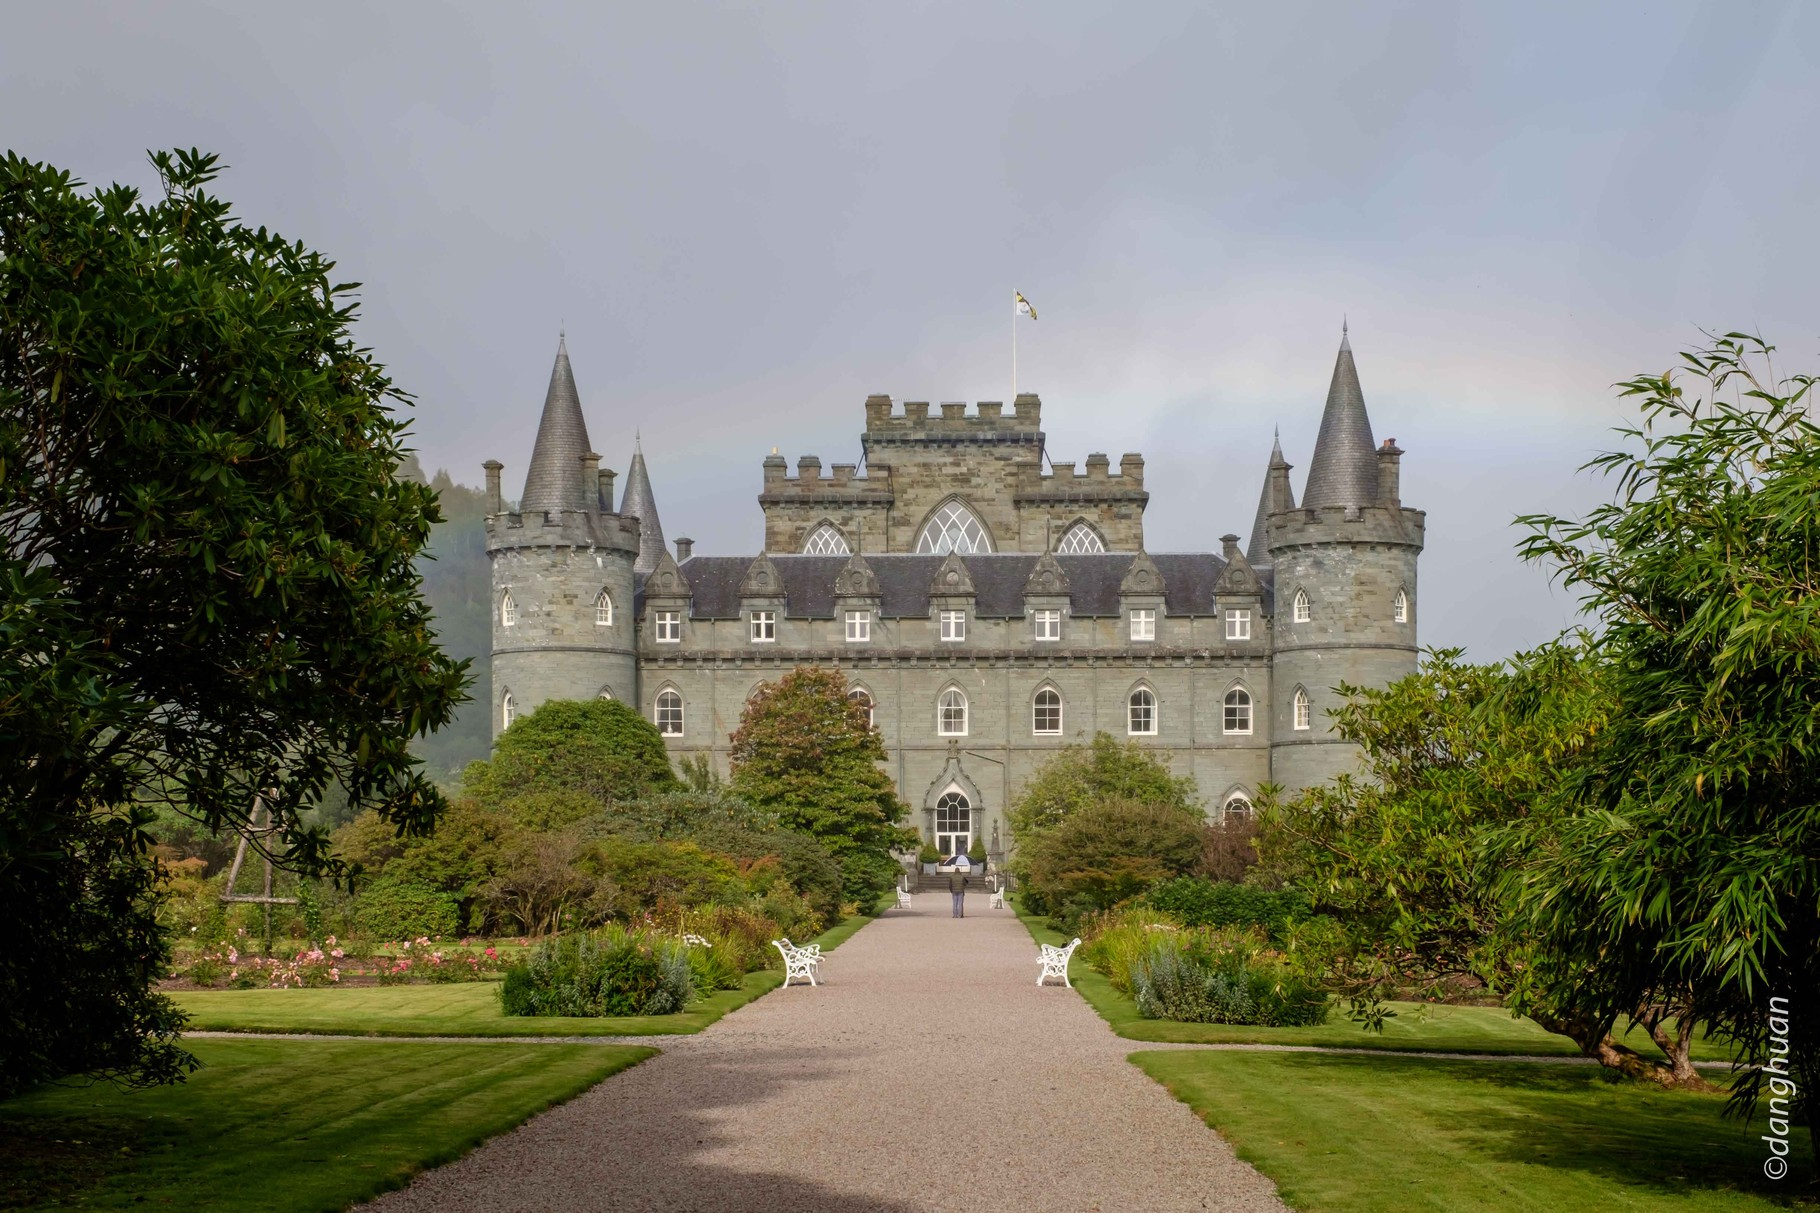 Inveraray Castle